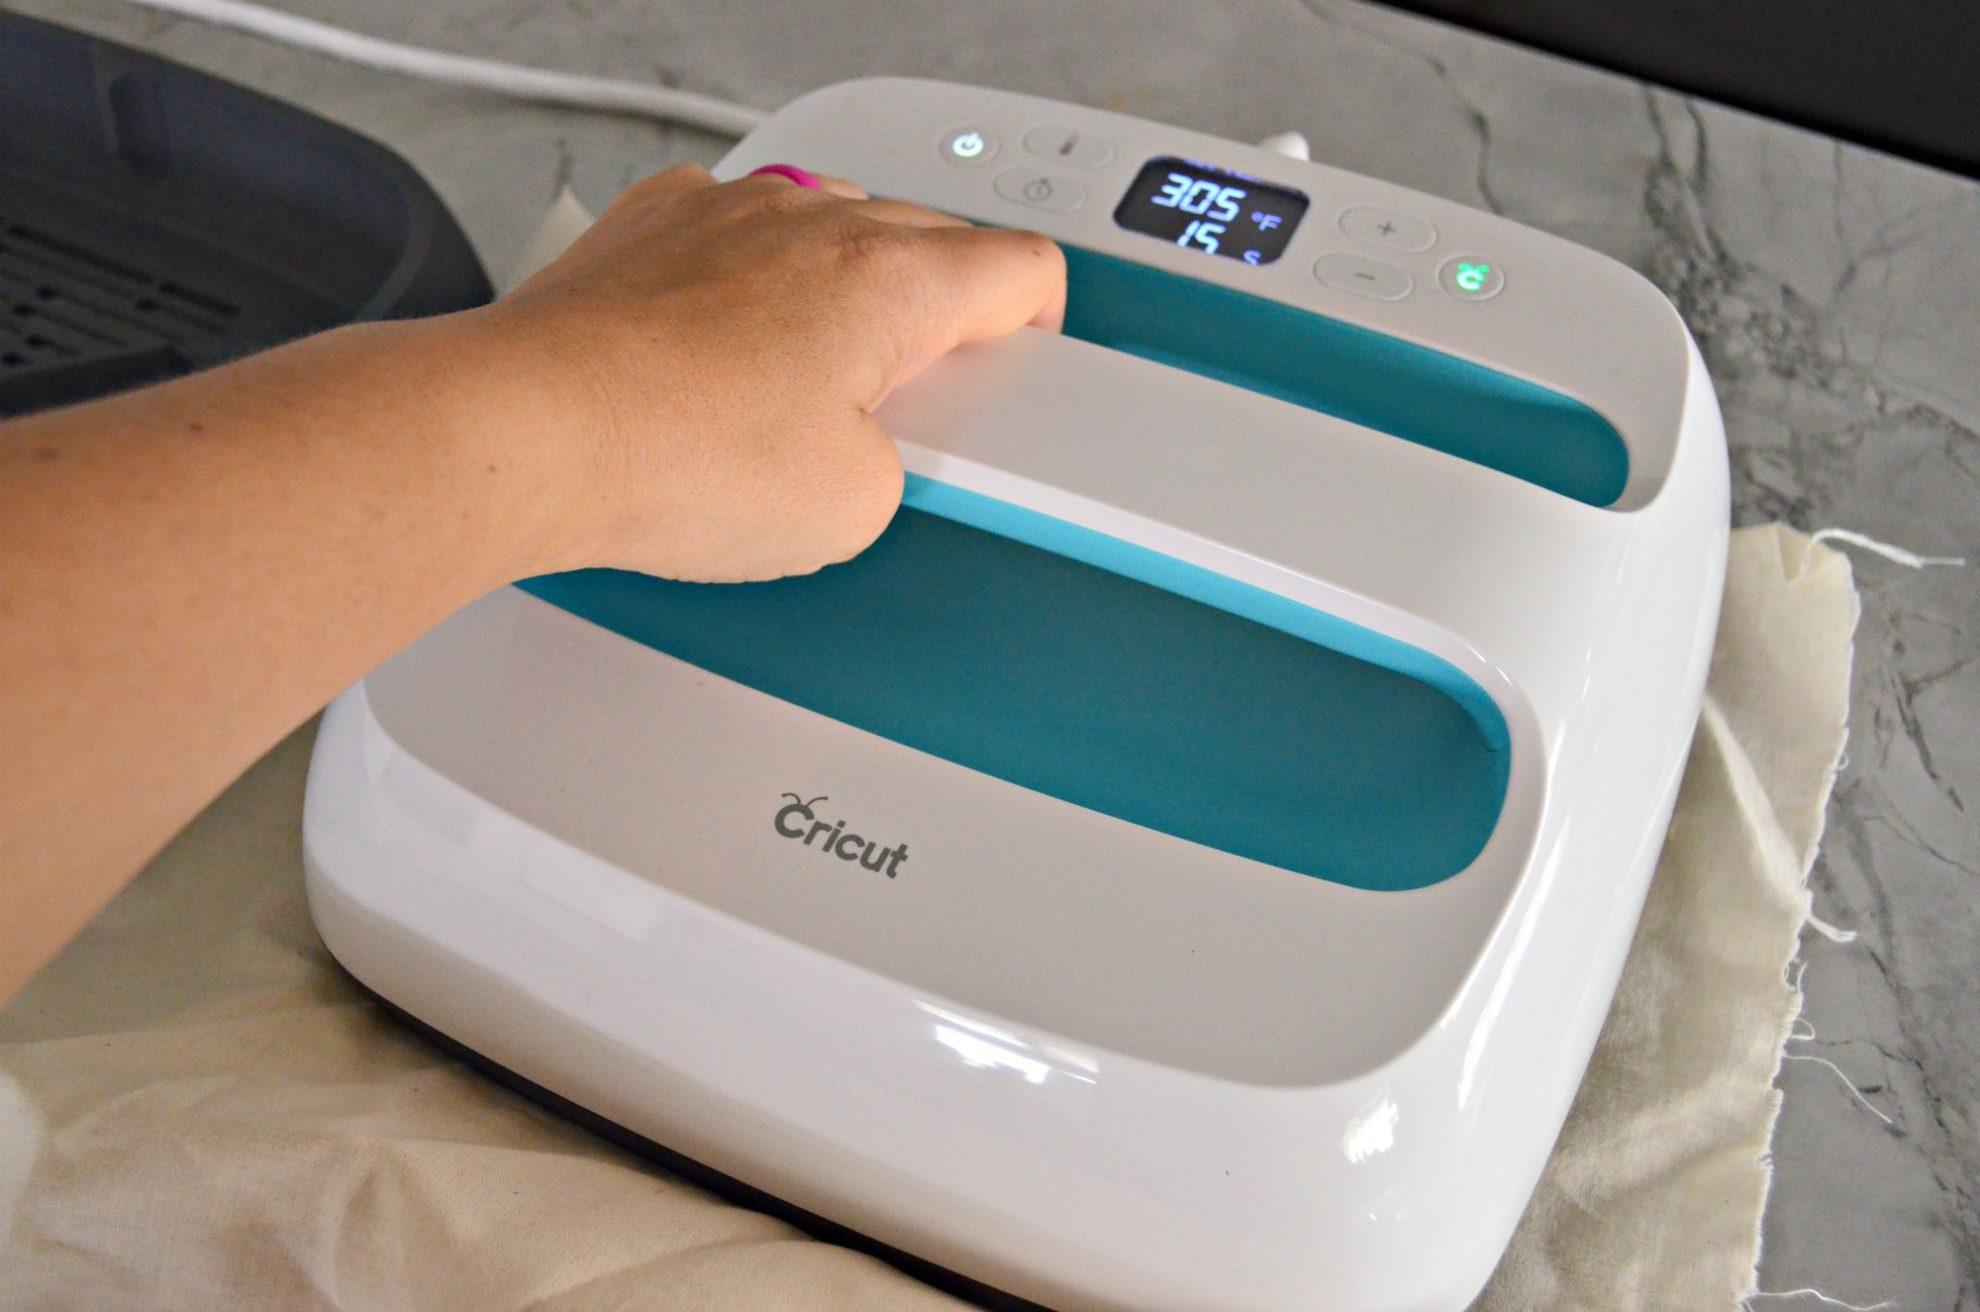 't Count Dish Towel - Cricut EasyPress